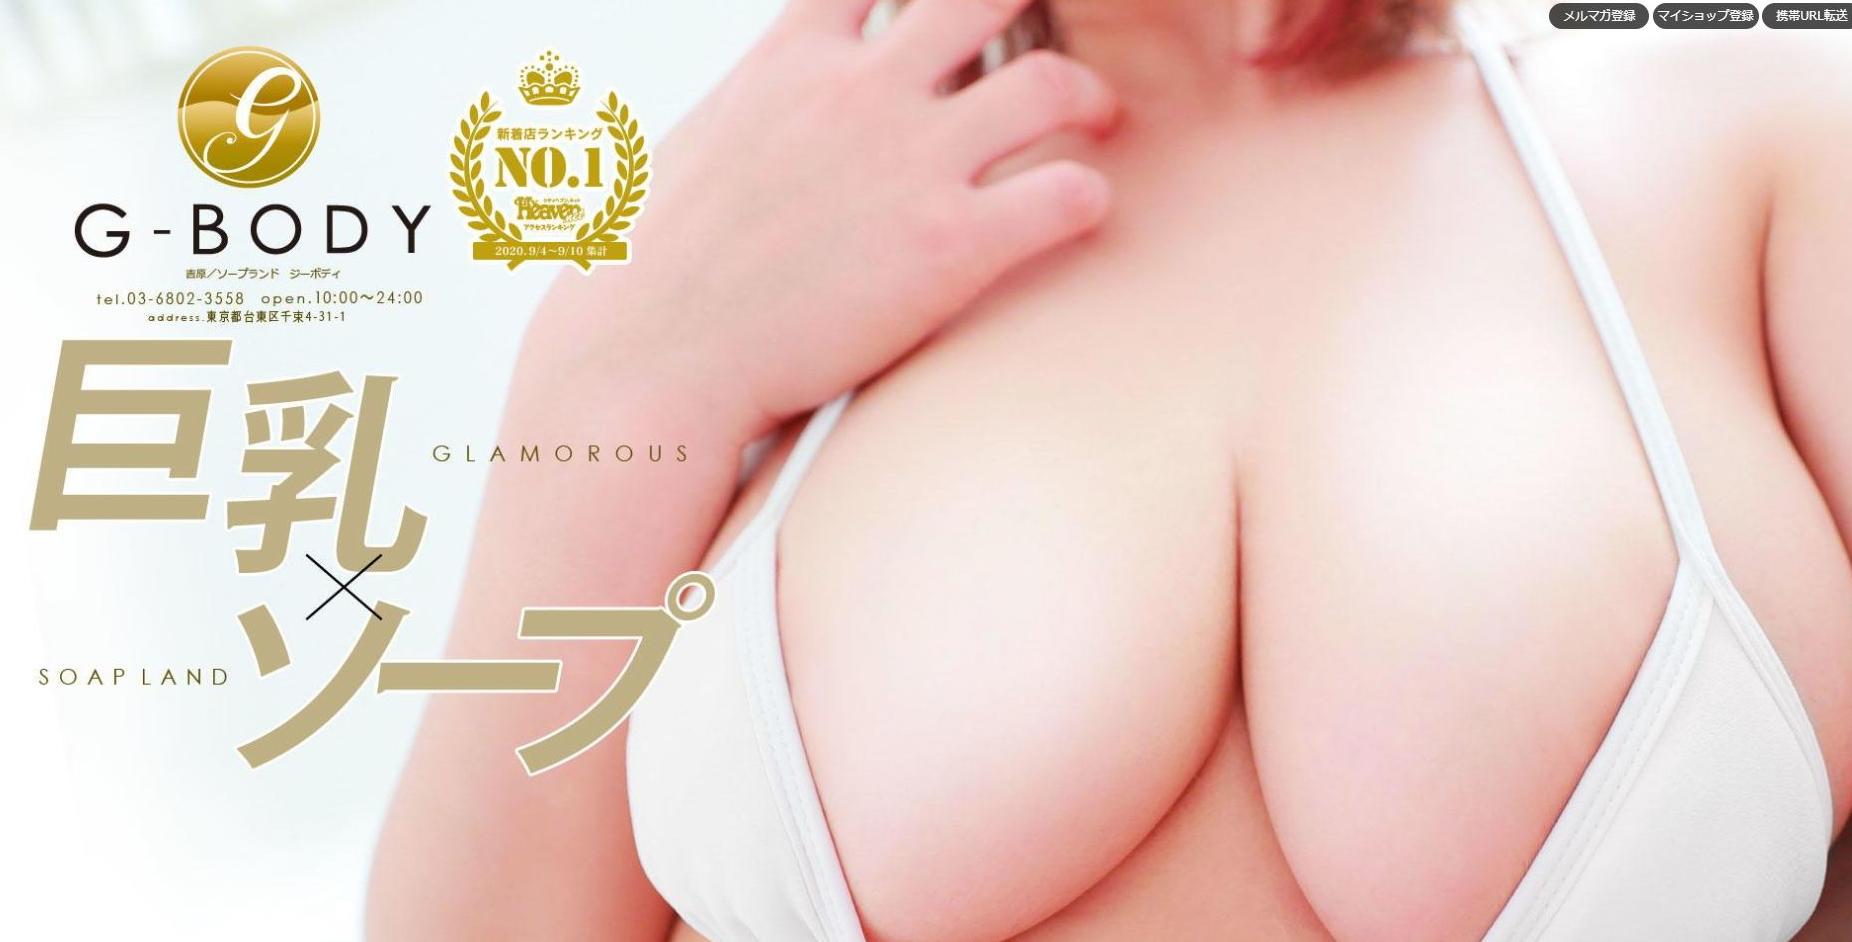 吉原ソープランド【G-BODY】